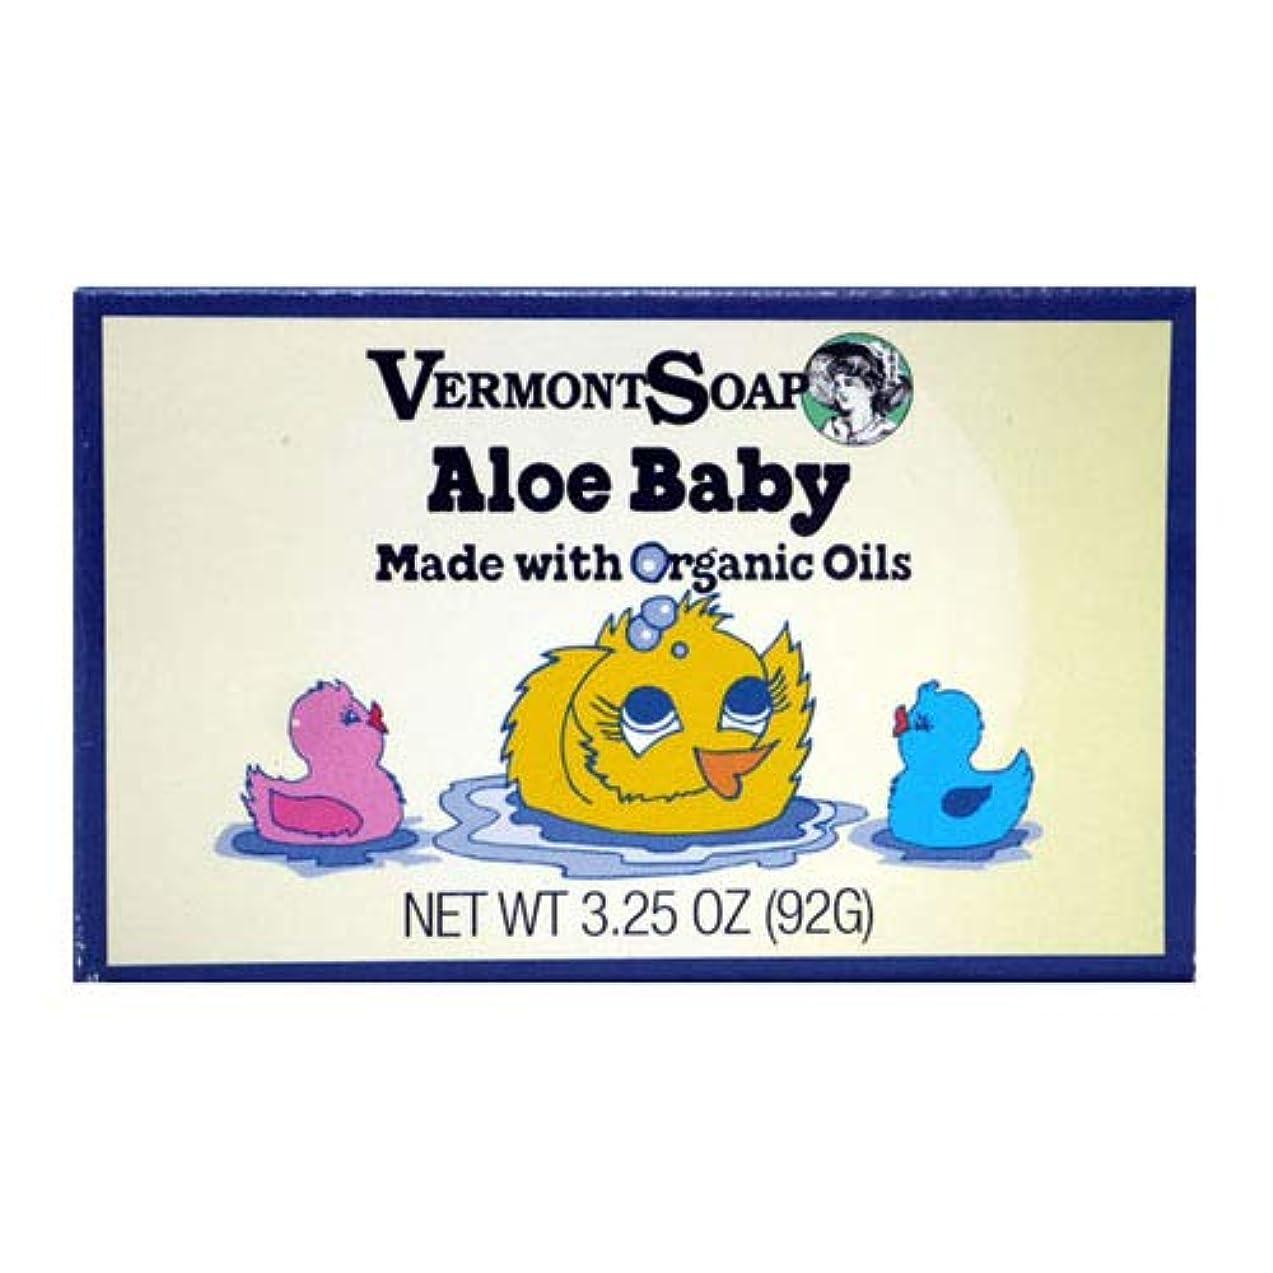 インサート心臓破壊するVermontSoap バーモントカントリーソープ (アロエベビー) 92g オーガニック石けん 洗顔 ボディー